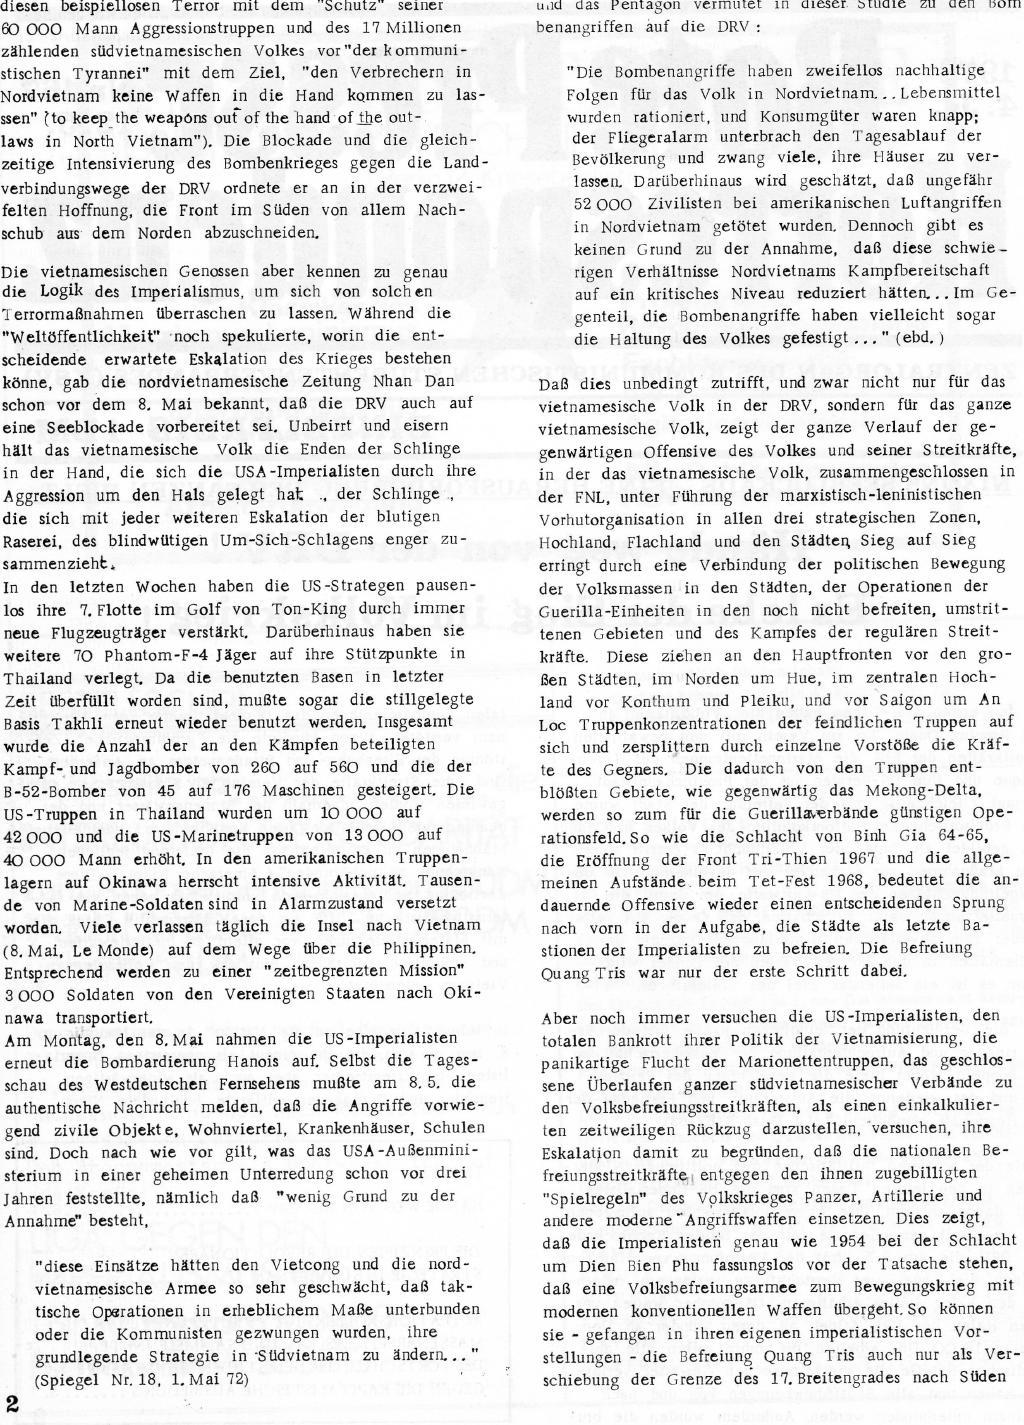 RPK_1972_167_02